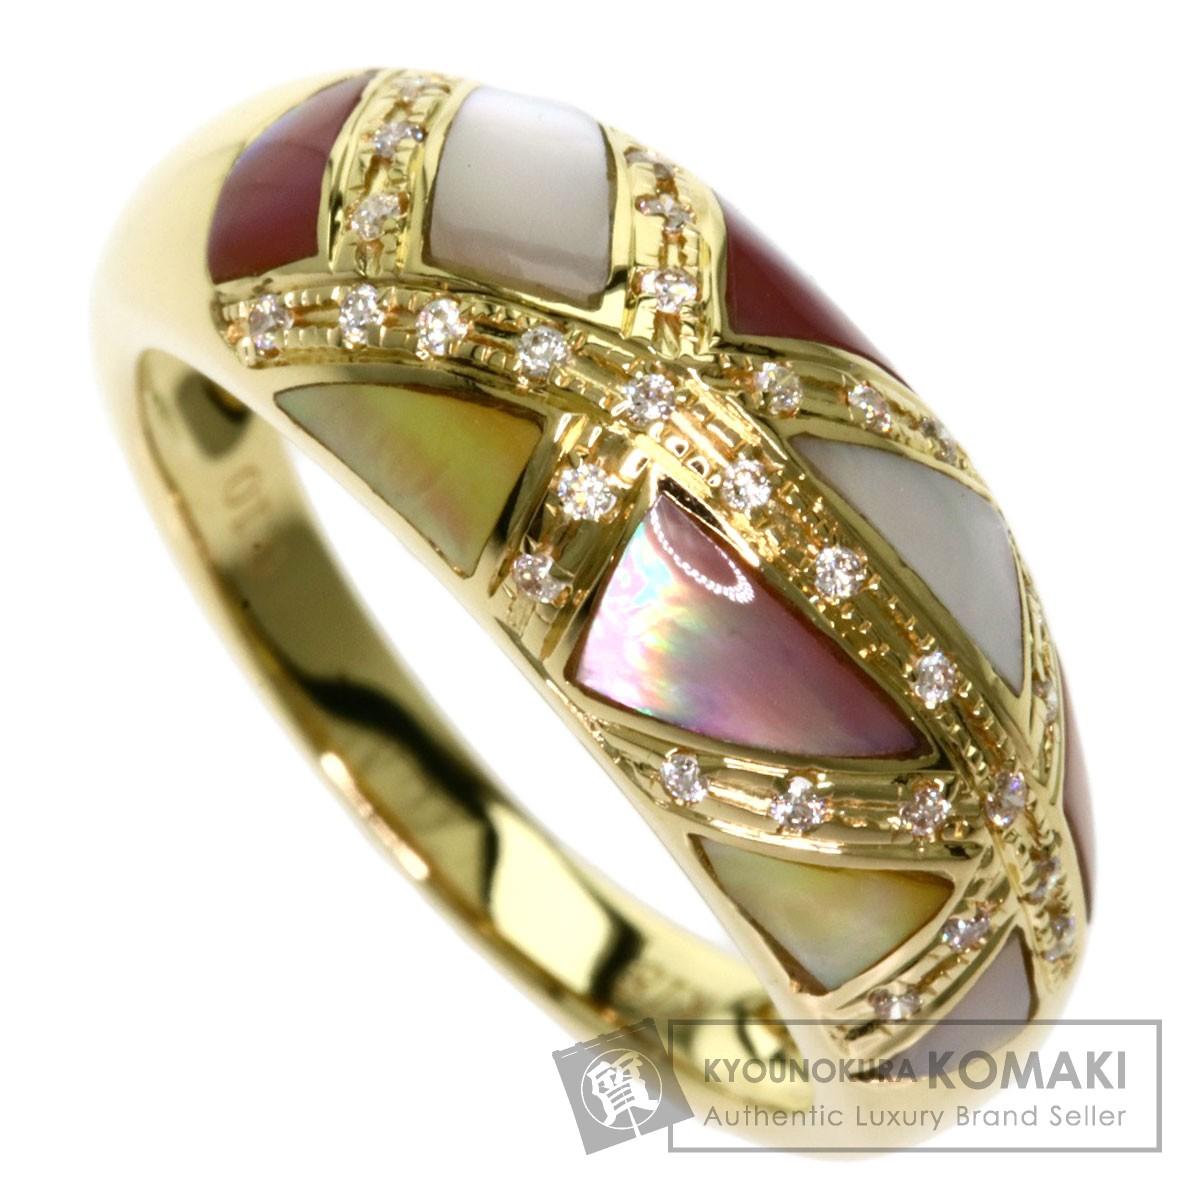 0.1ct ホワイトシェル ピンクシェル ダイヤモンド リング・指輪 K18イエローゴールド 4.4g レディース 【中古】